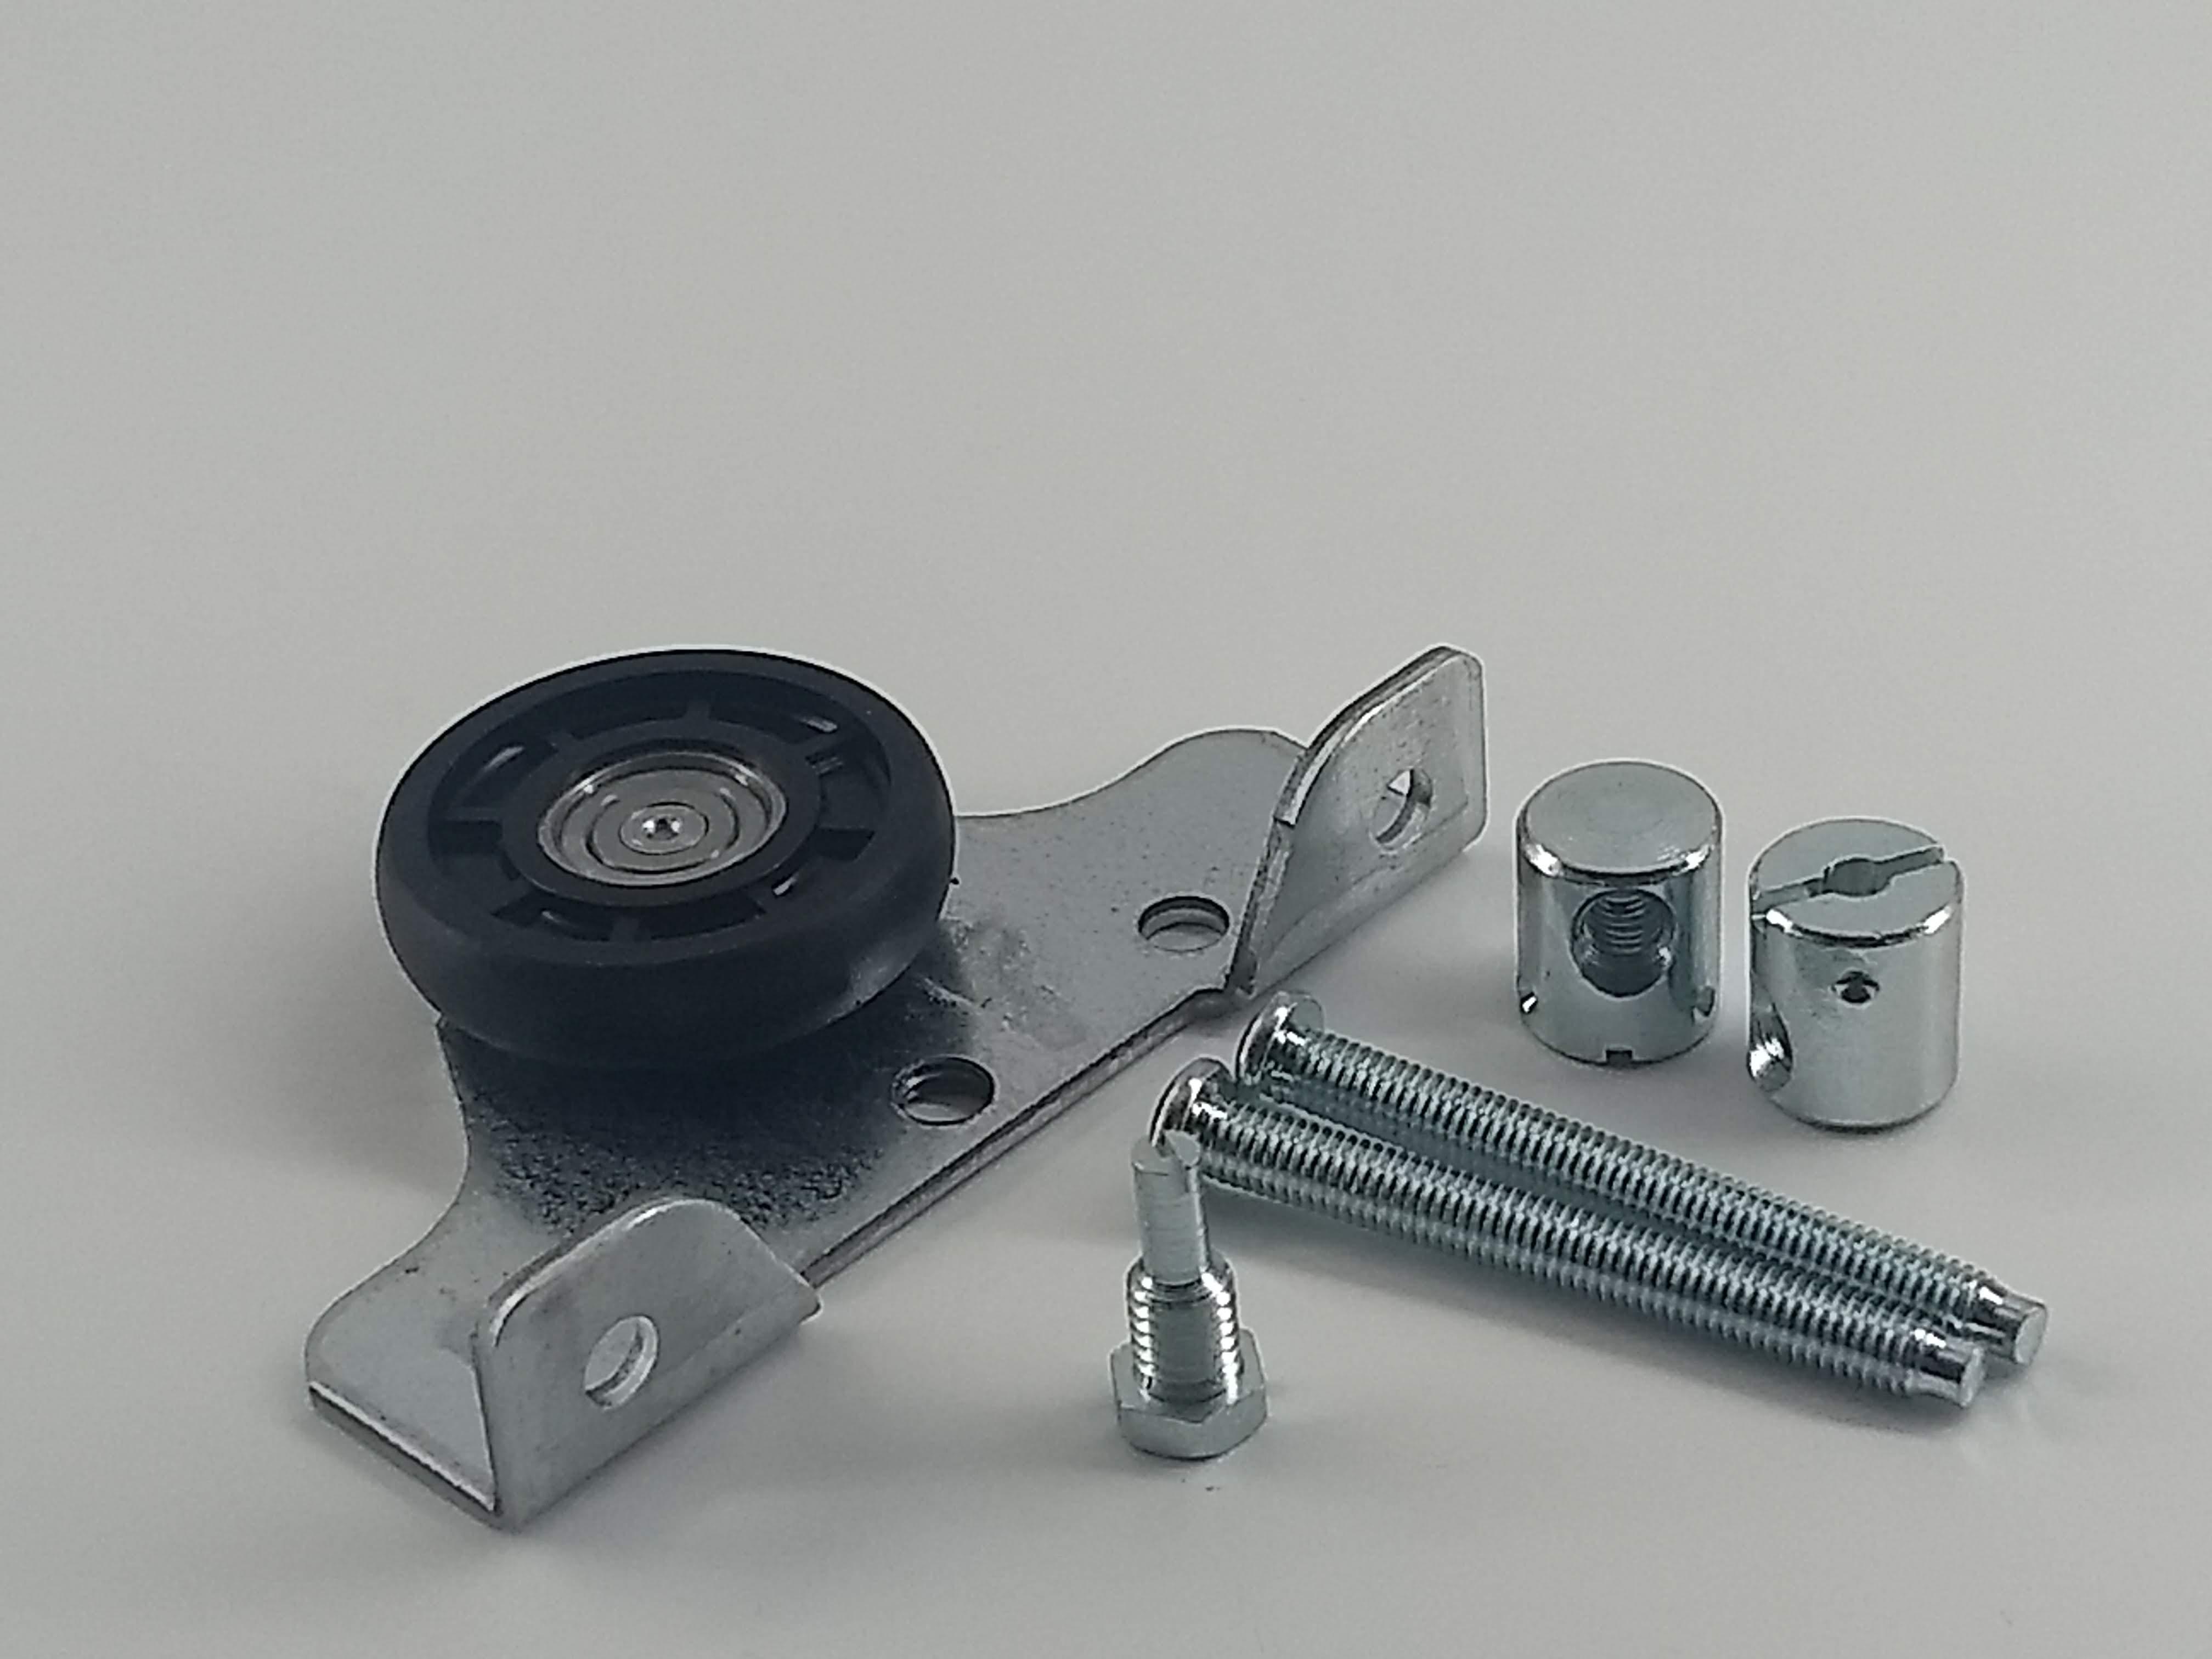 Livindo 1 Stck. Laufteil für Schiebetürbeschlag mit Schrauben Schwebetüren-Kleiderschrank Hettich To